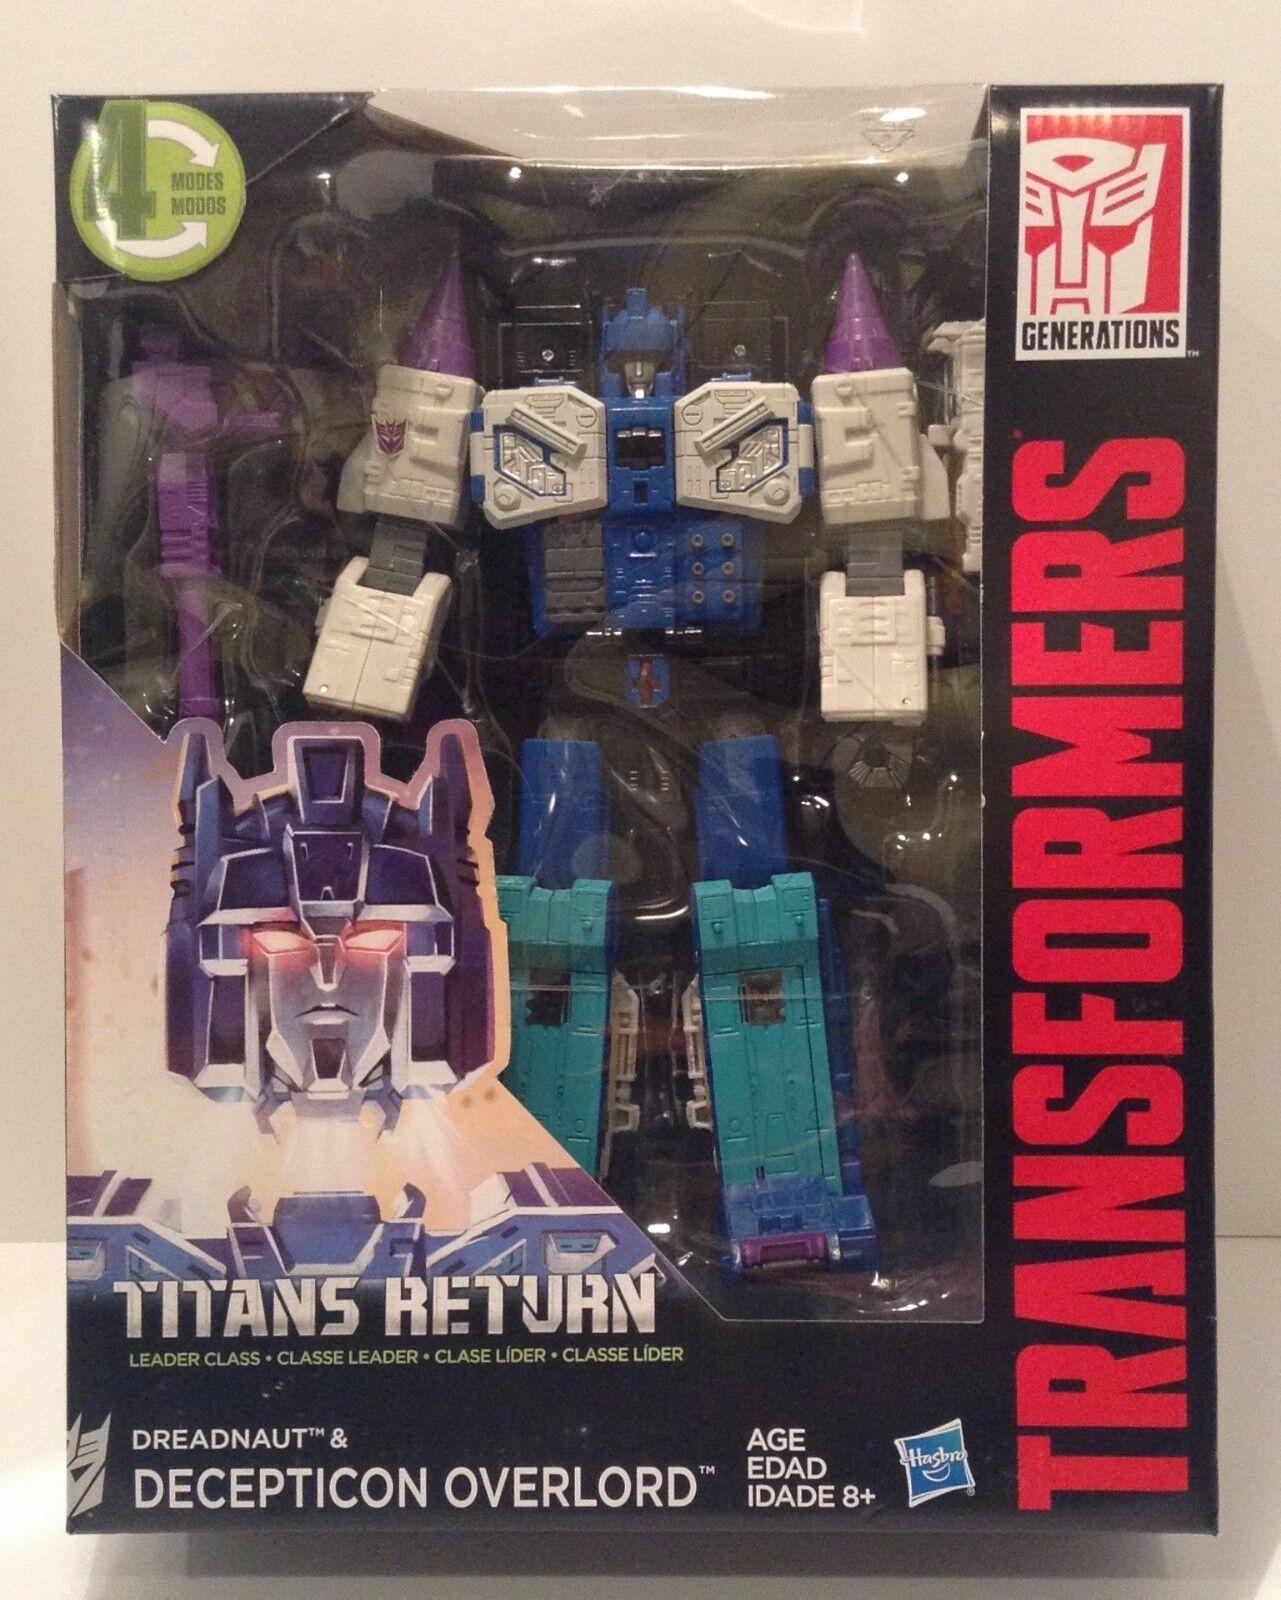 Transformers TITANS RETURN - Dreadnaut & Decepticon OVERLORD - Leader Class MIB